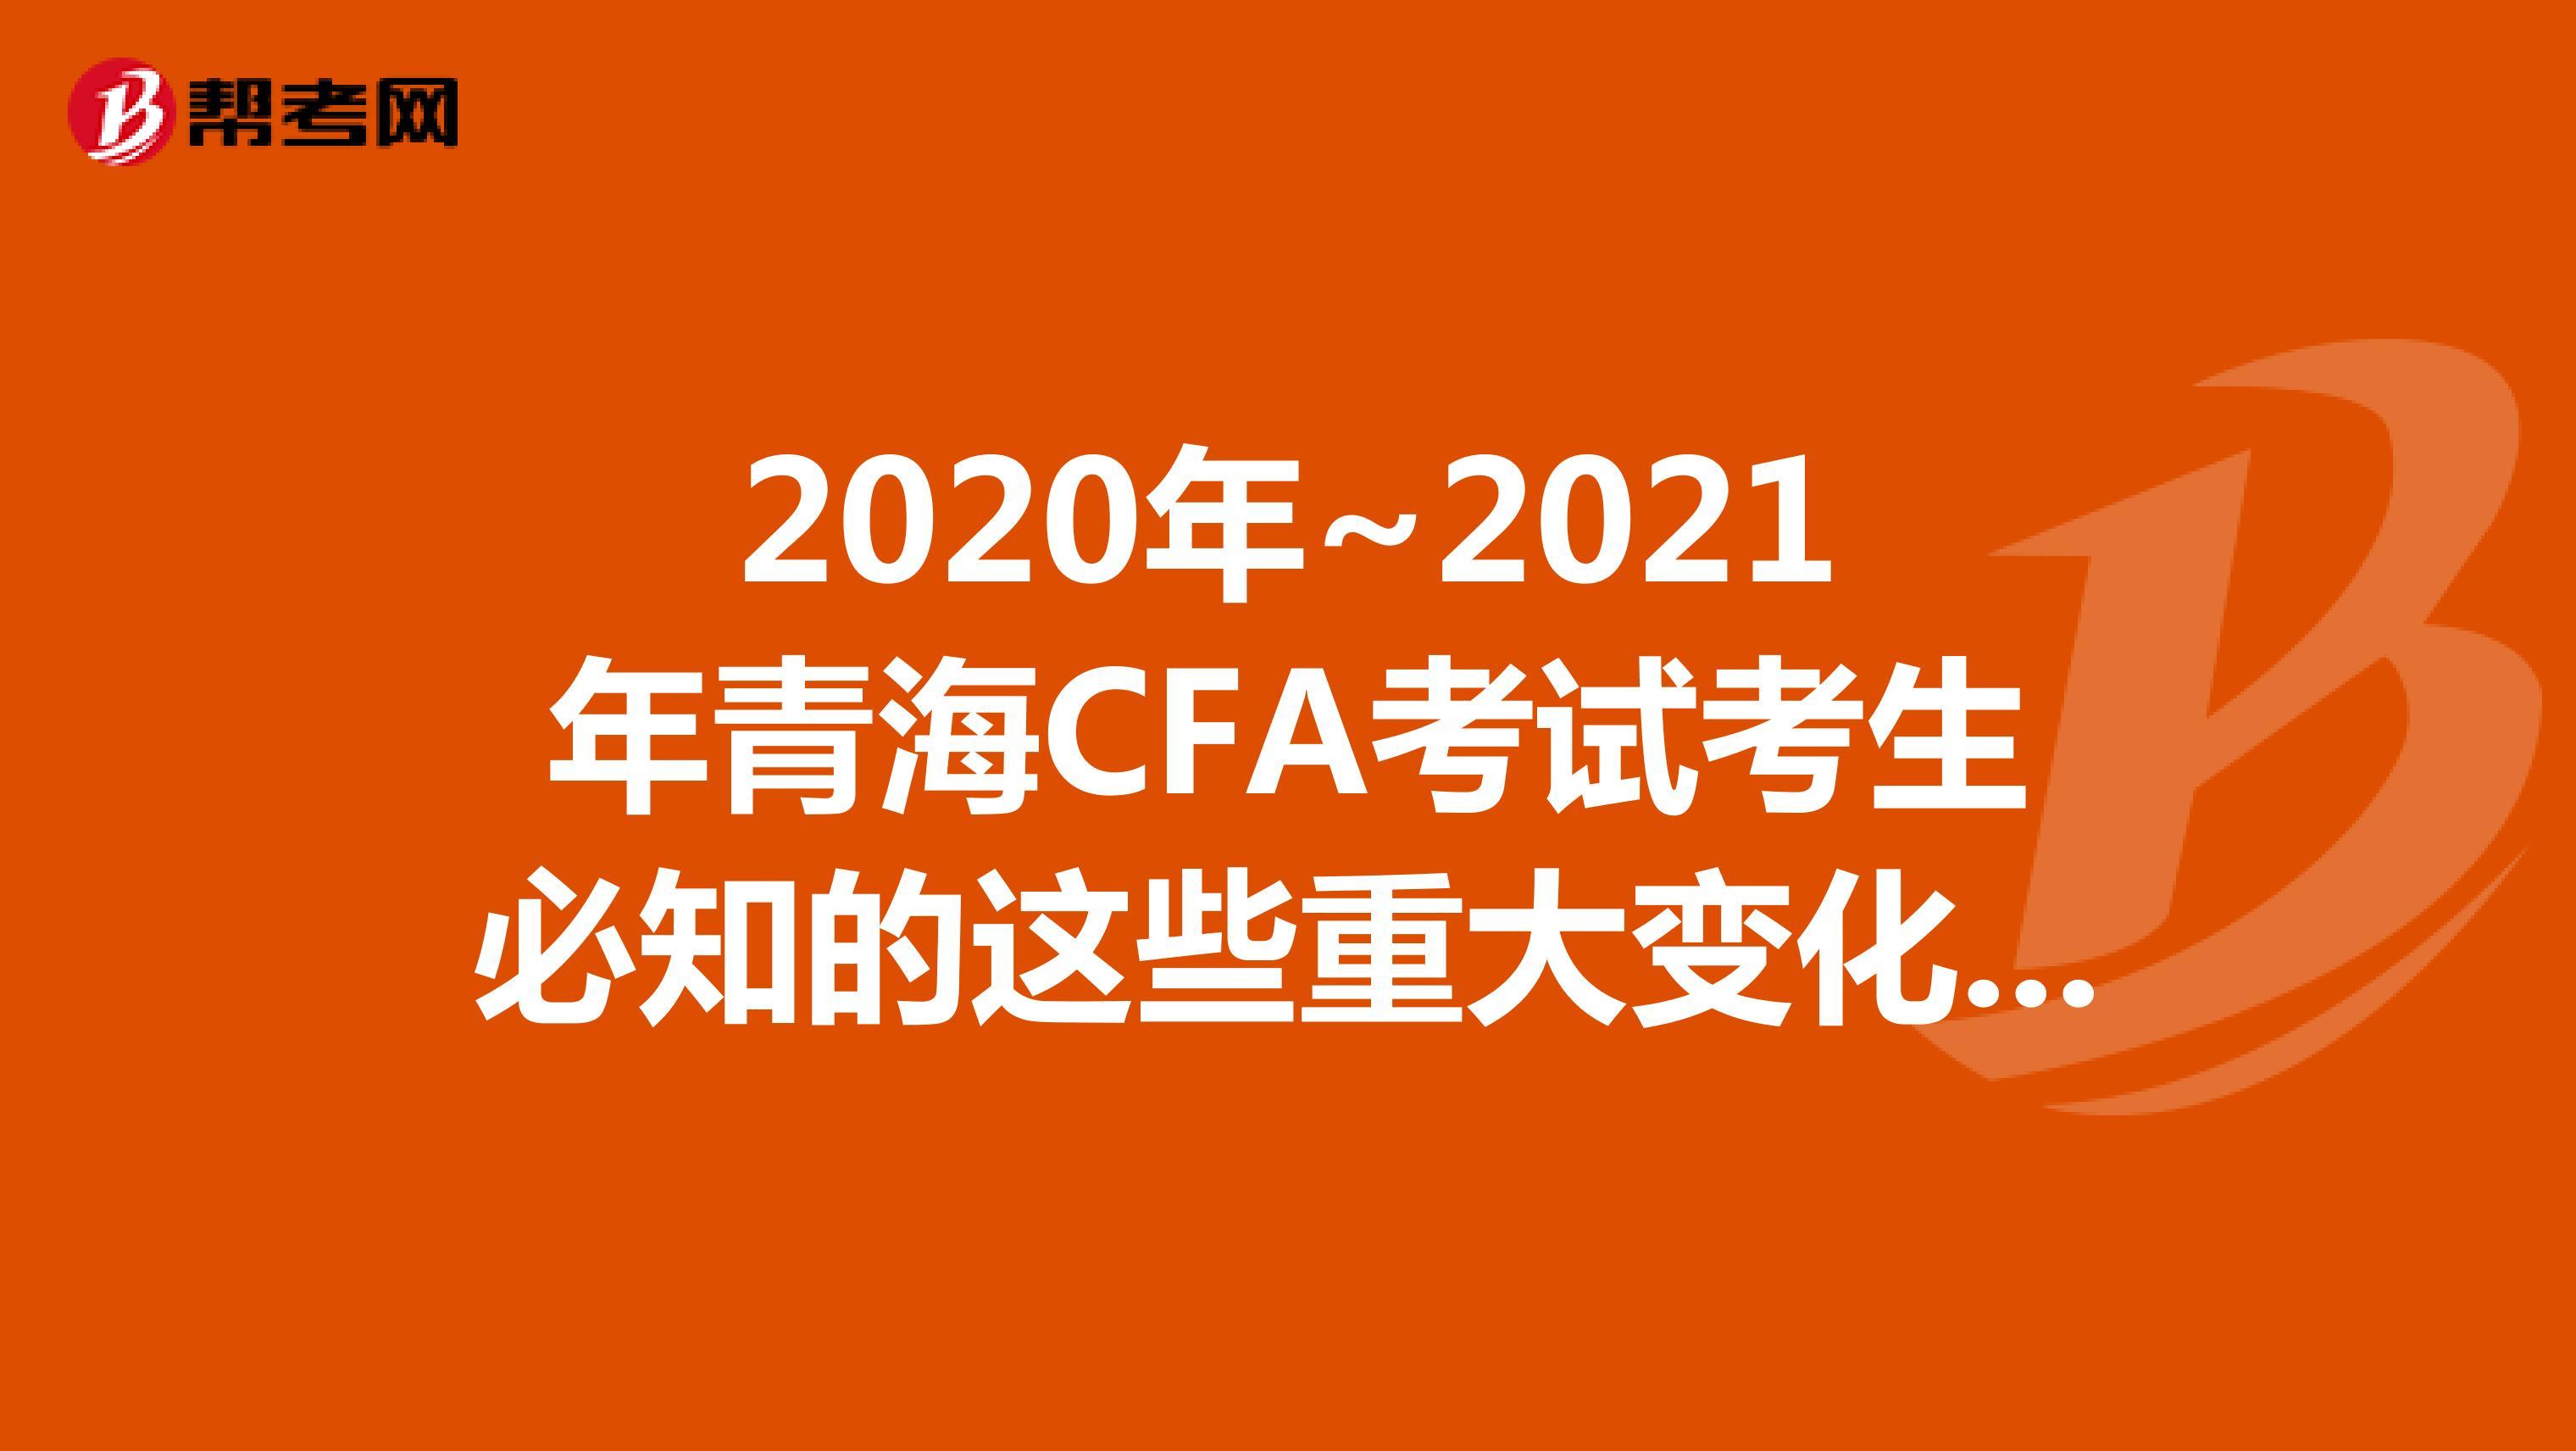 2020年~2021年青海CFA考试考生必知的这些重大变化,快来看看吧!